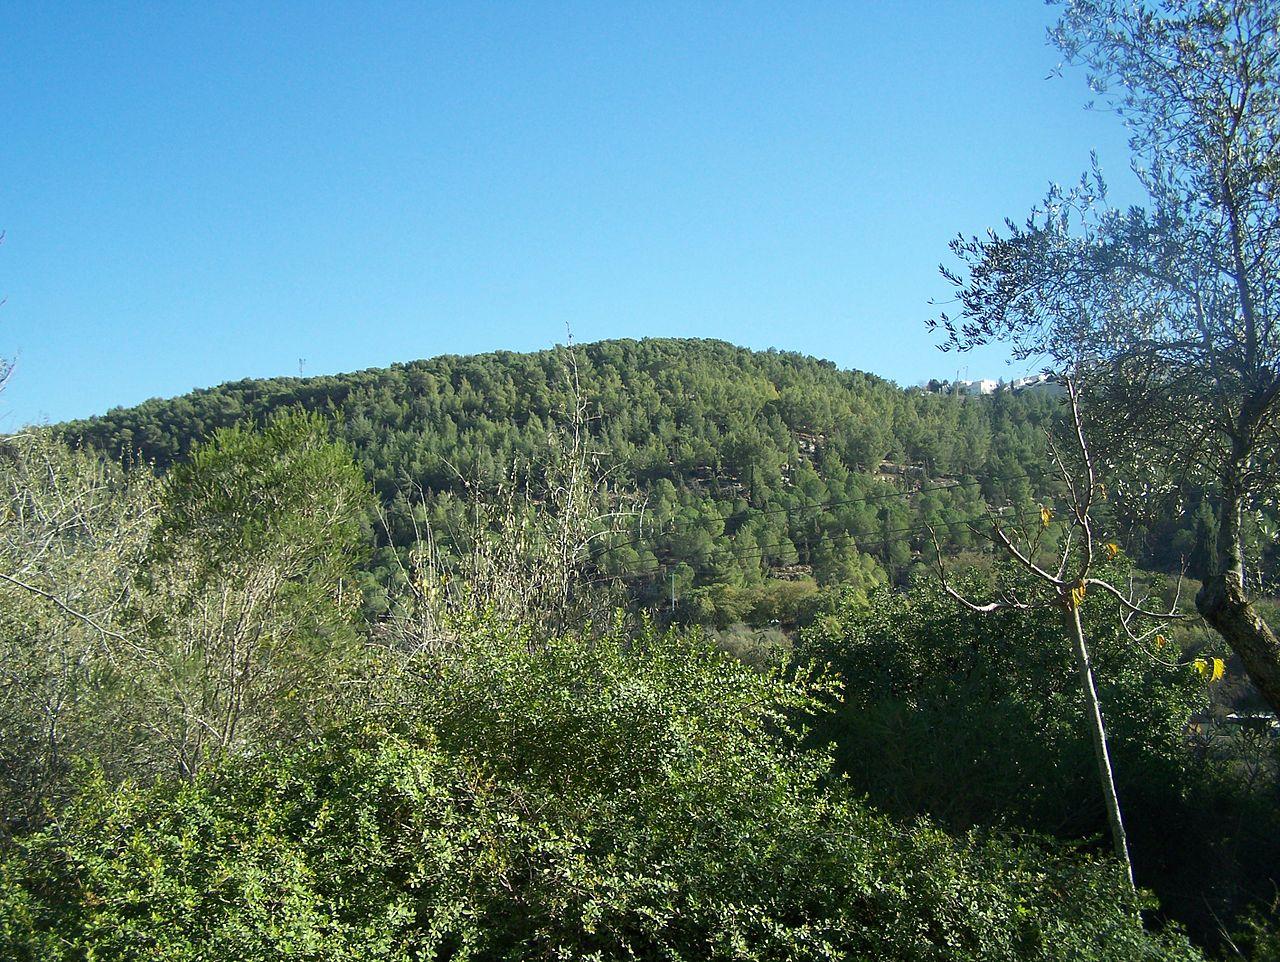 El bosque mediterráneo es un bosque de pocas precipitaciones